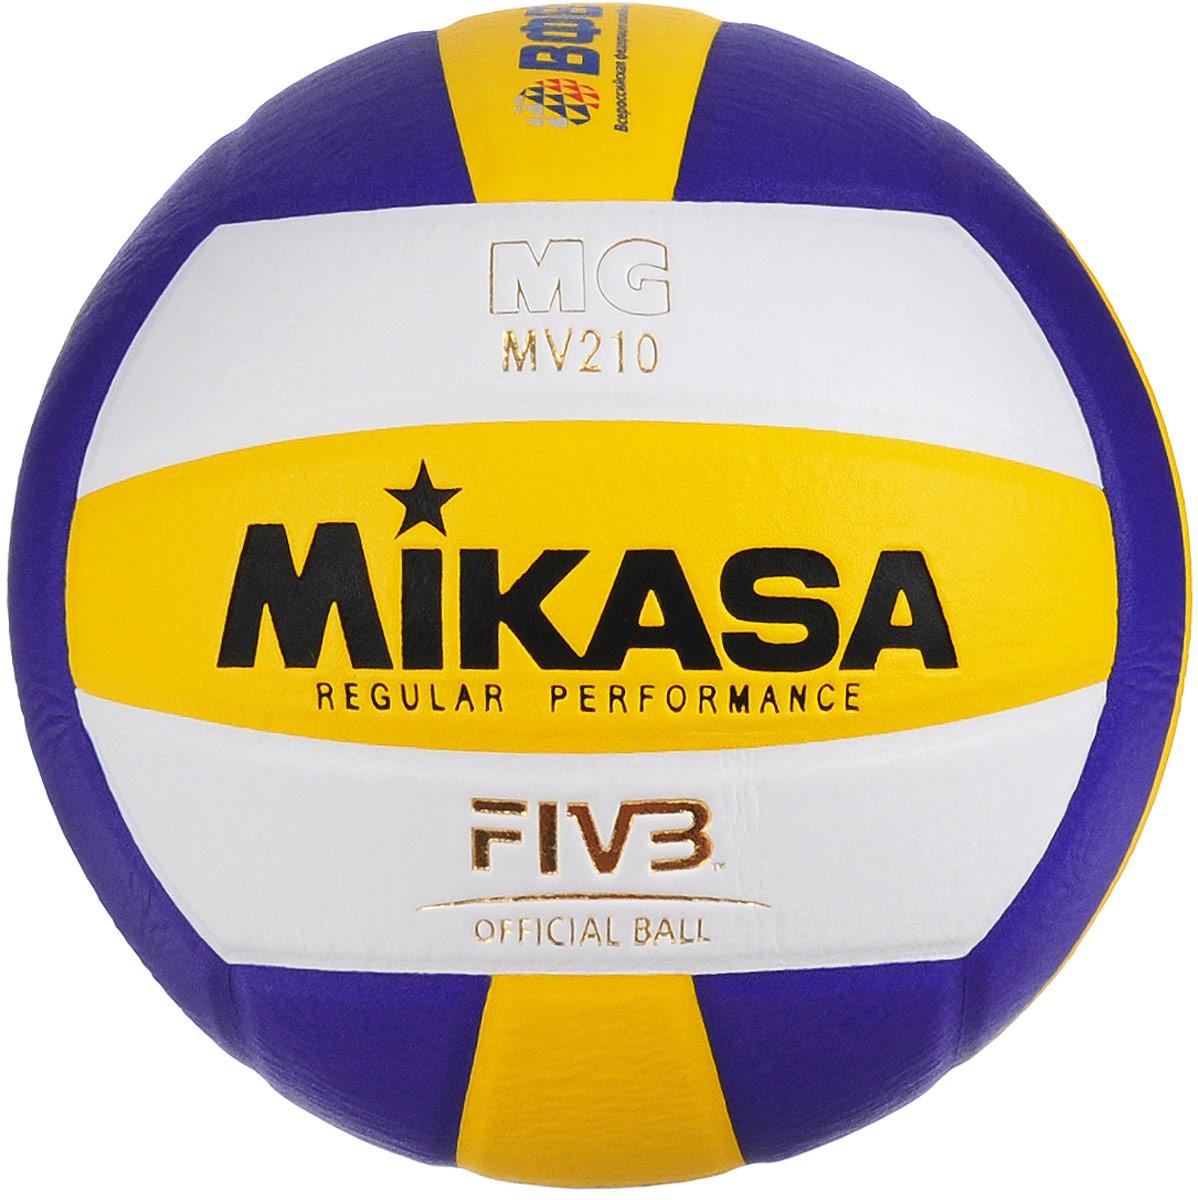 Мяч волейбольный Mikasa MV 210. Размер 5УТ-00001278Облегченный мяч Mikasa MV 210 предназначен для игр и тренировок команд разных уровней. Изделие состоит из 18 панелей, выполненных из синтетической кожи. Камера изготовлена из бутила. УВАЖЕМЫЕ КЛИЕНТЫ!Обращаем ваше внимание на тот факт, что мяч поставляется в сдутом виде. Насос в комплект не входит.